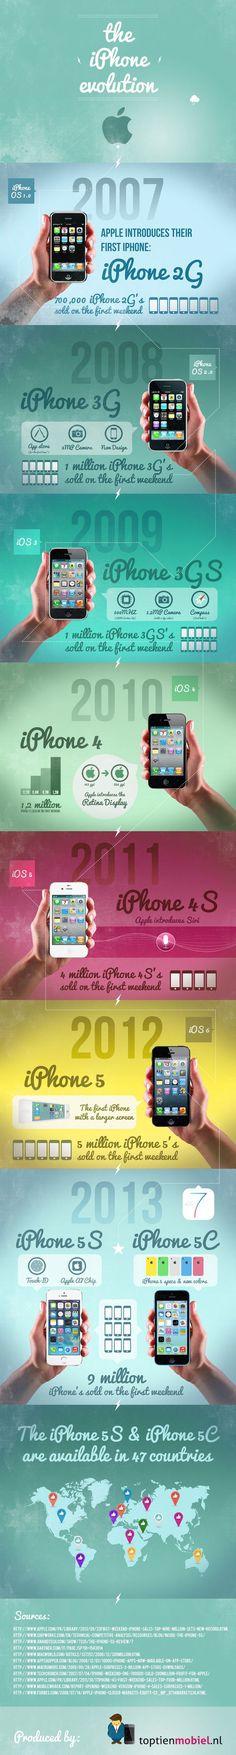 Esta infografía, titulada 'La evolución del iPhone', nos muestra los cambios que ha sufrido el smartphone de Apple desde que se lanzara en el año 2007.